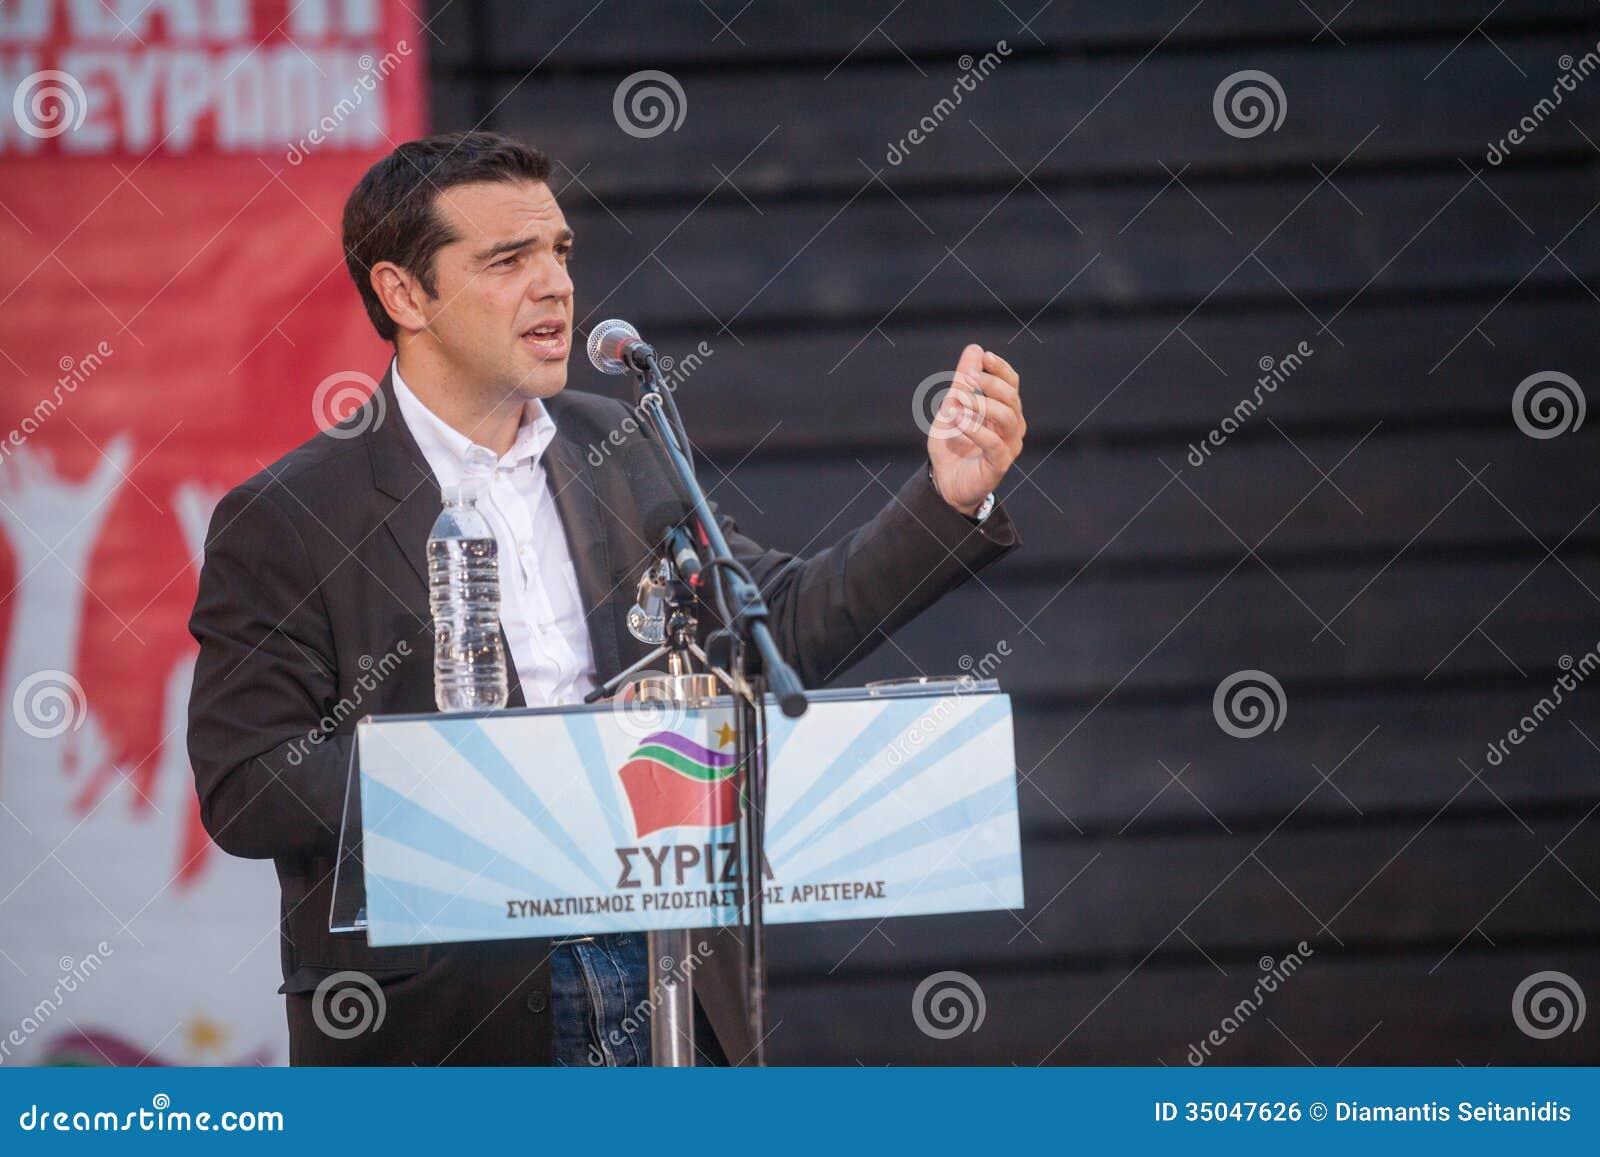 阿列克西斯・齐普拉斯是希腊左派政客, SYRI的头